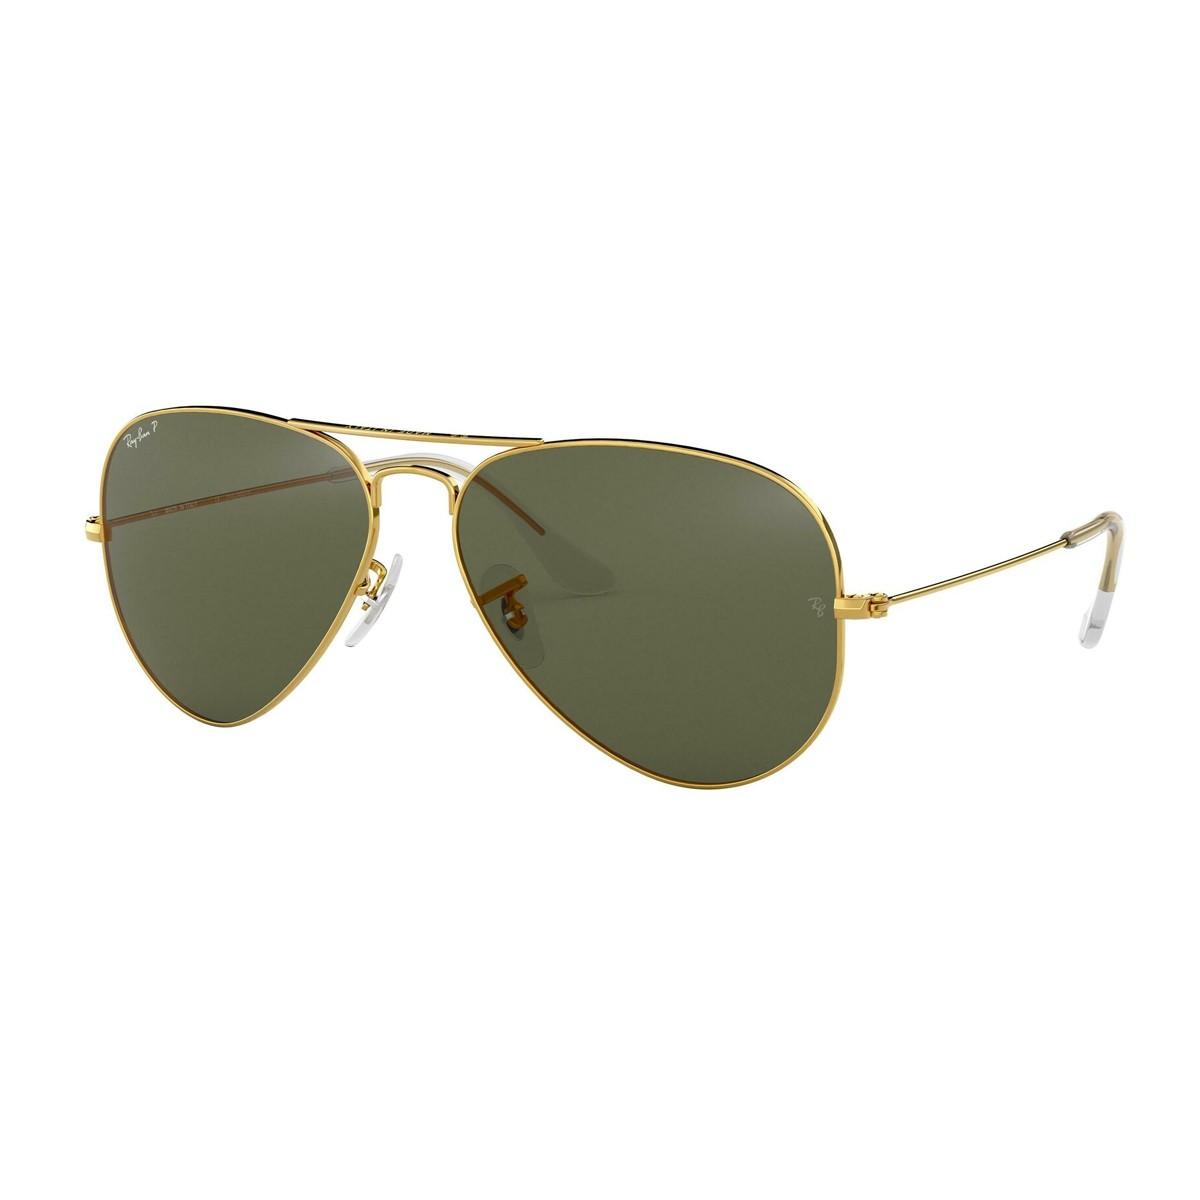 Ray-Ban Aviator RB 3025 Polarizzato | Unisex sunglasses